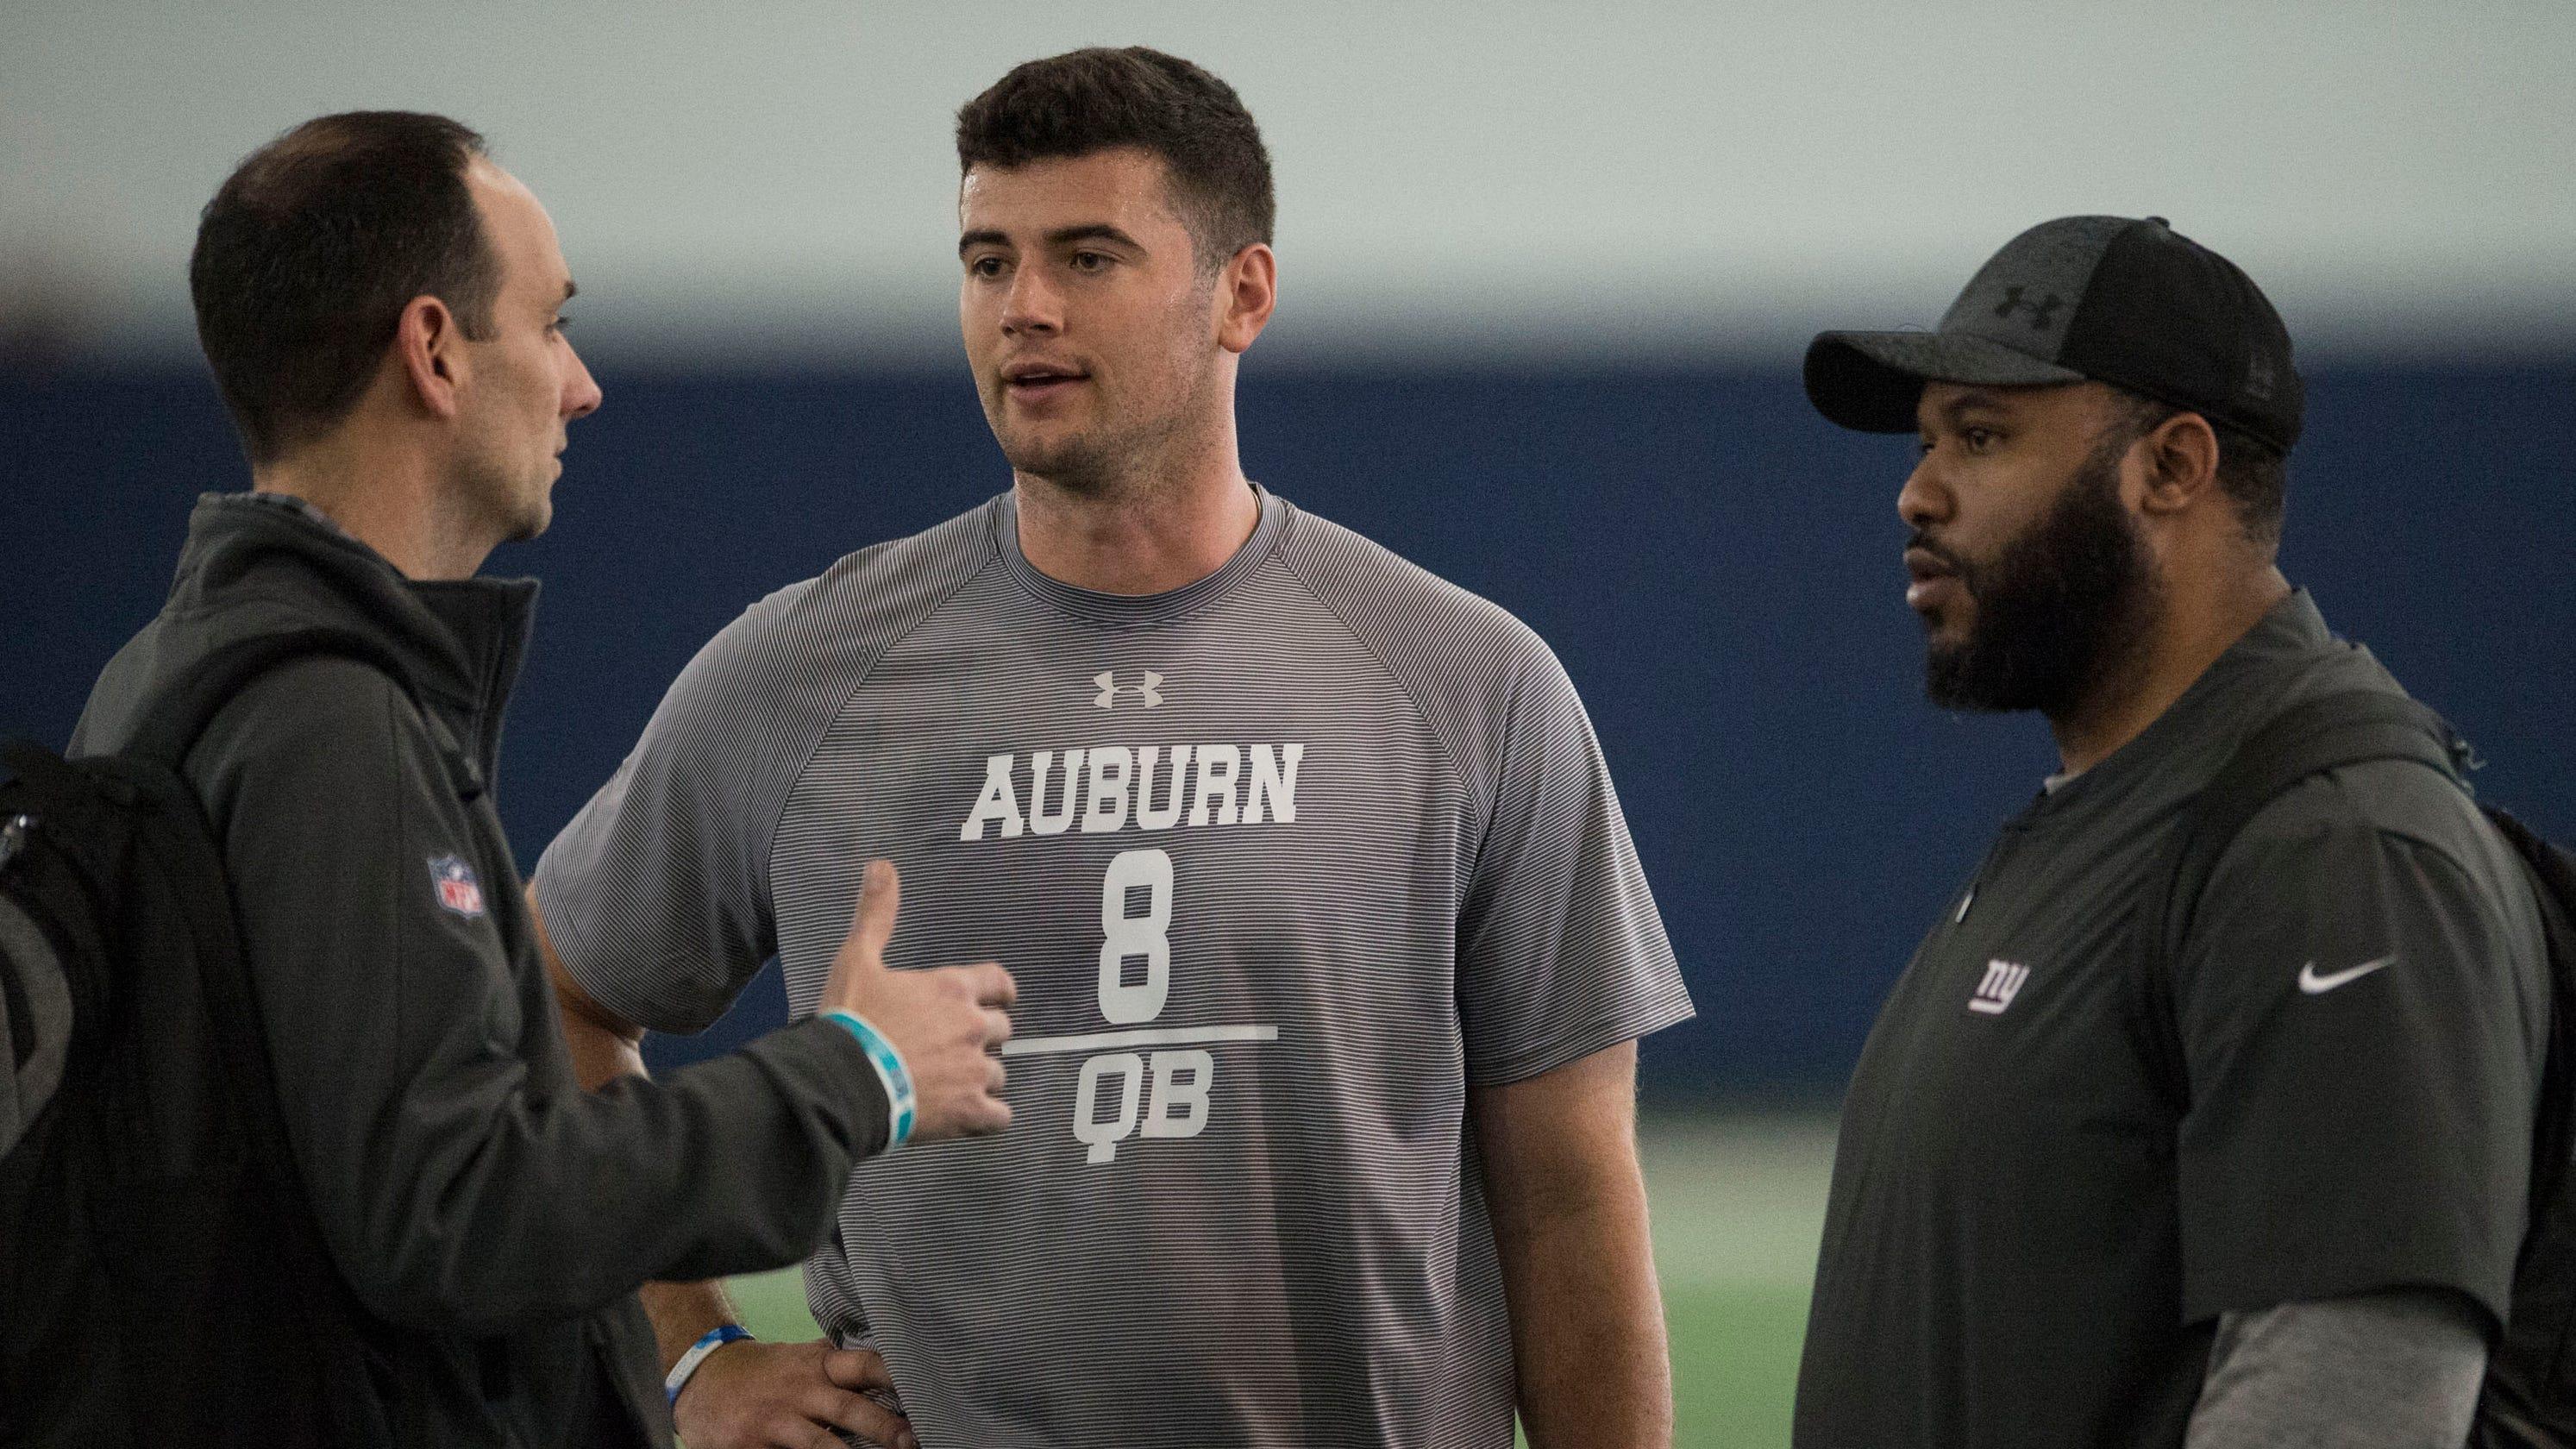 aa1f1f2e6 Former Auburn quarterback Jarrett Stidham raises NFL stock during pre-draft  process